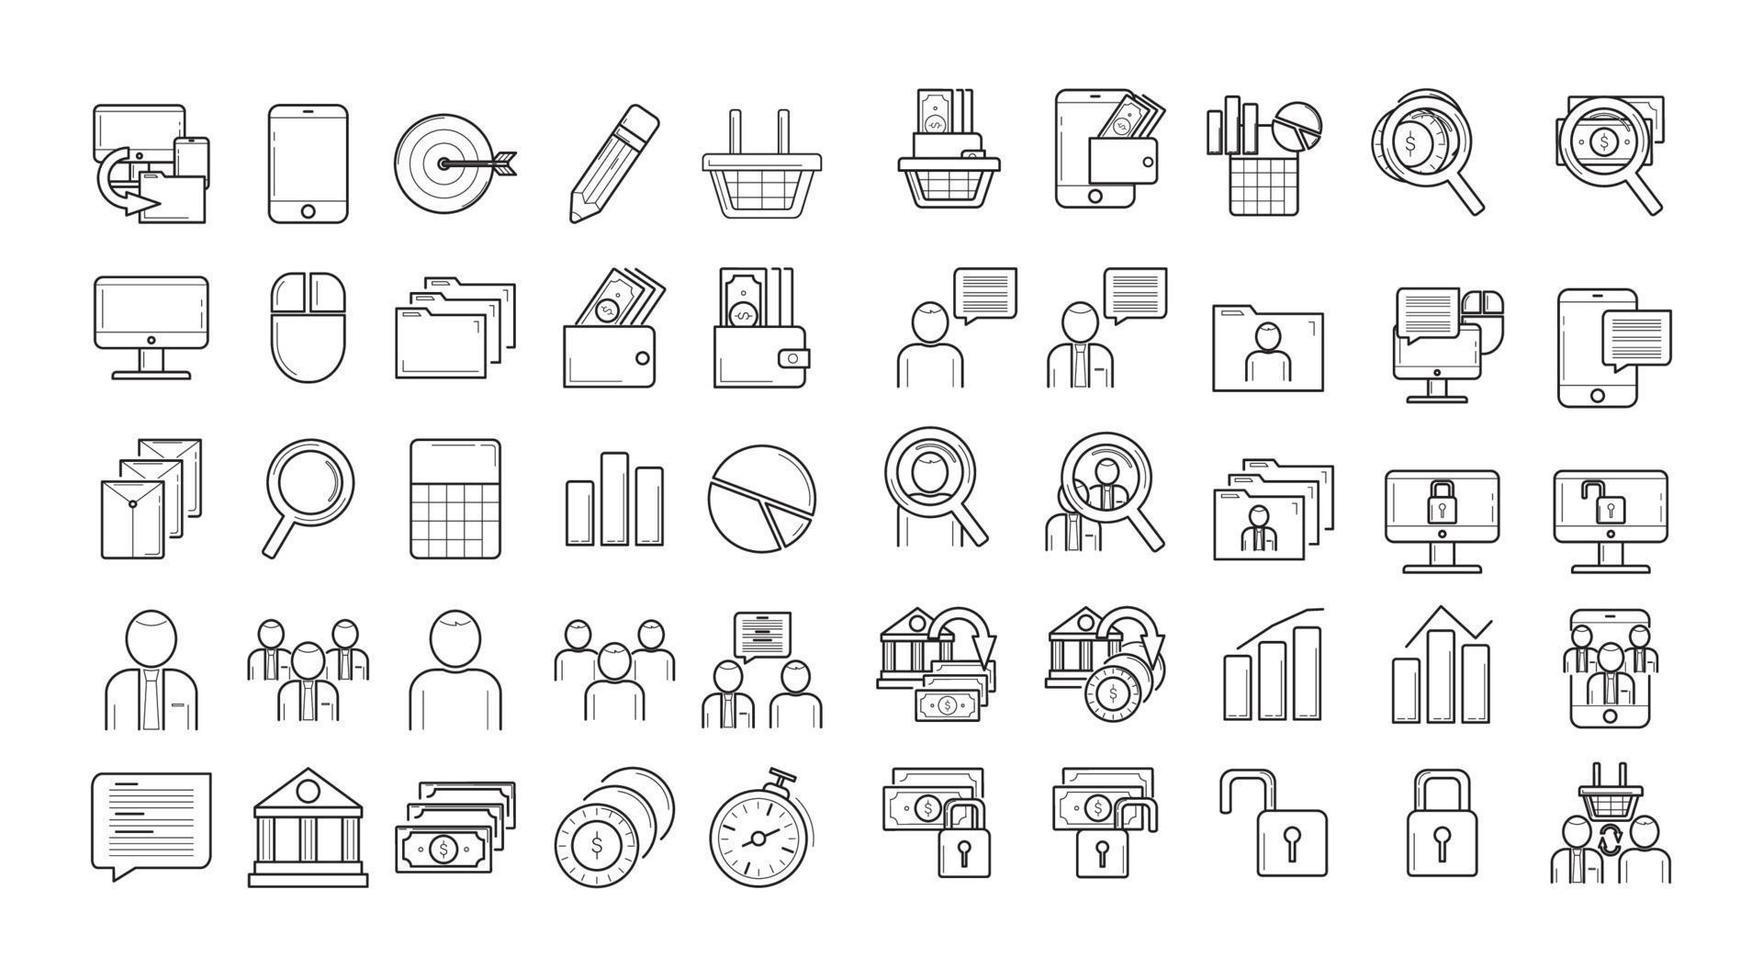 ikonuppsättning hög kvalitet för webbdesign och mobilappar på vit bakgrund vektor